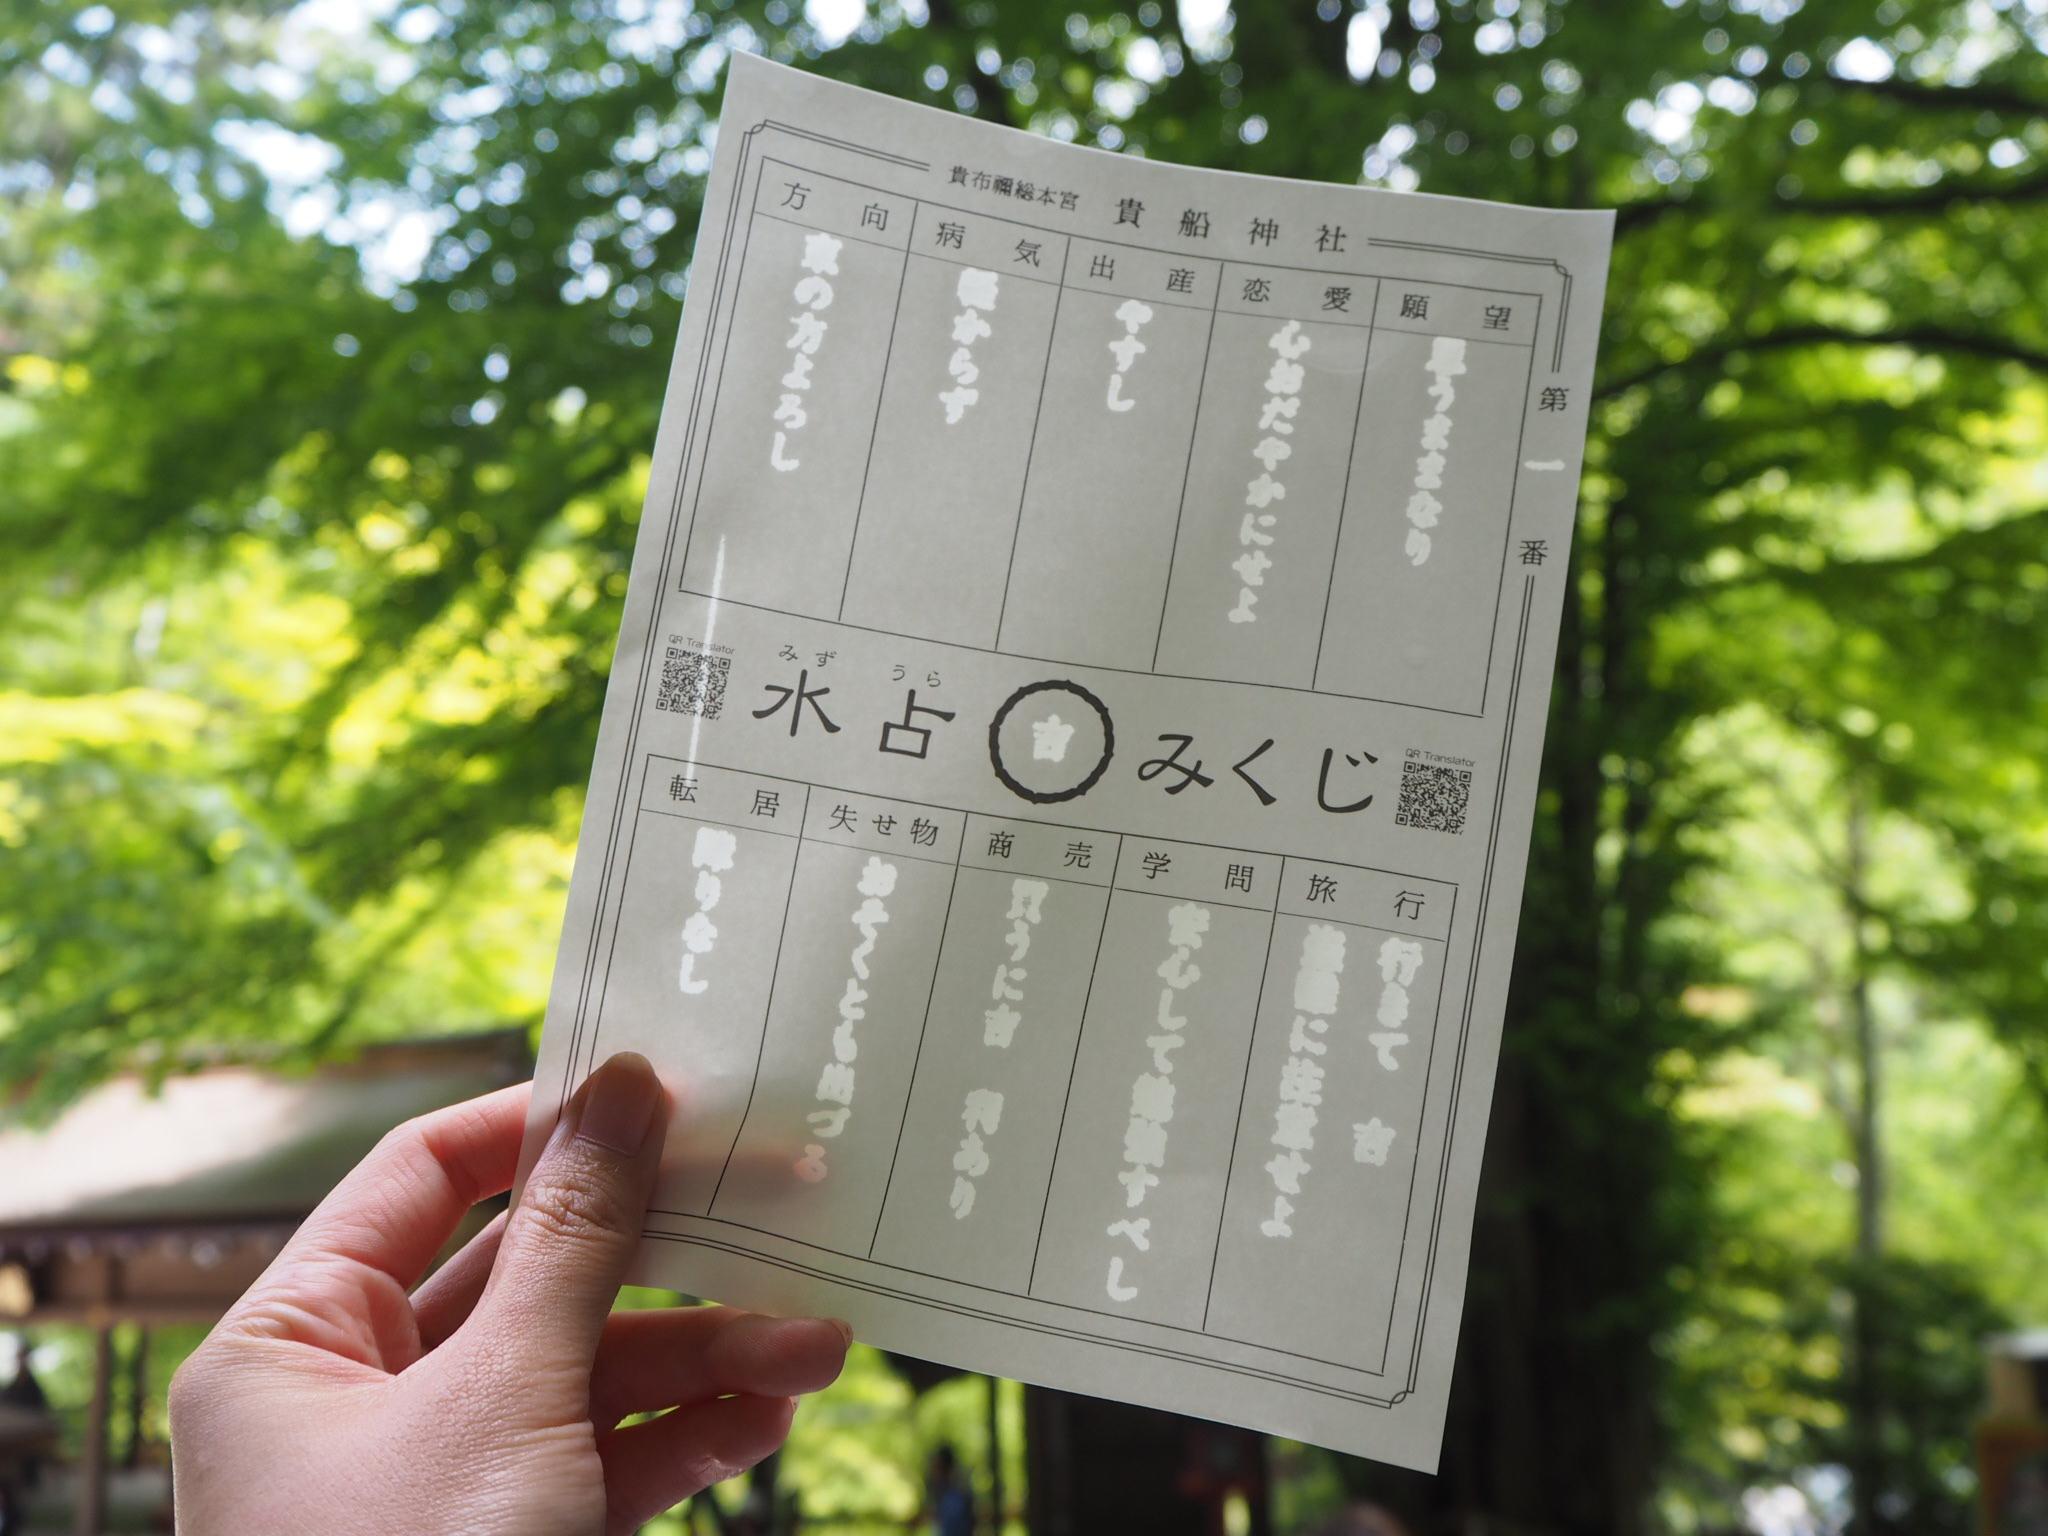 【女子旅におすすめ】京都で体験して最高だったベストメモリーまとめ♡_6